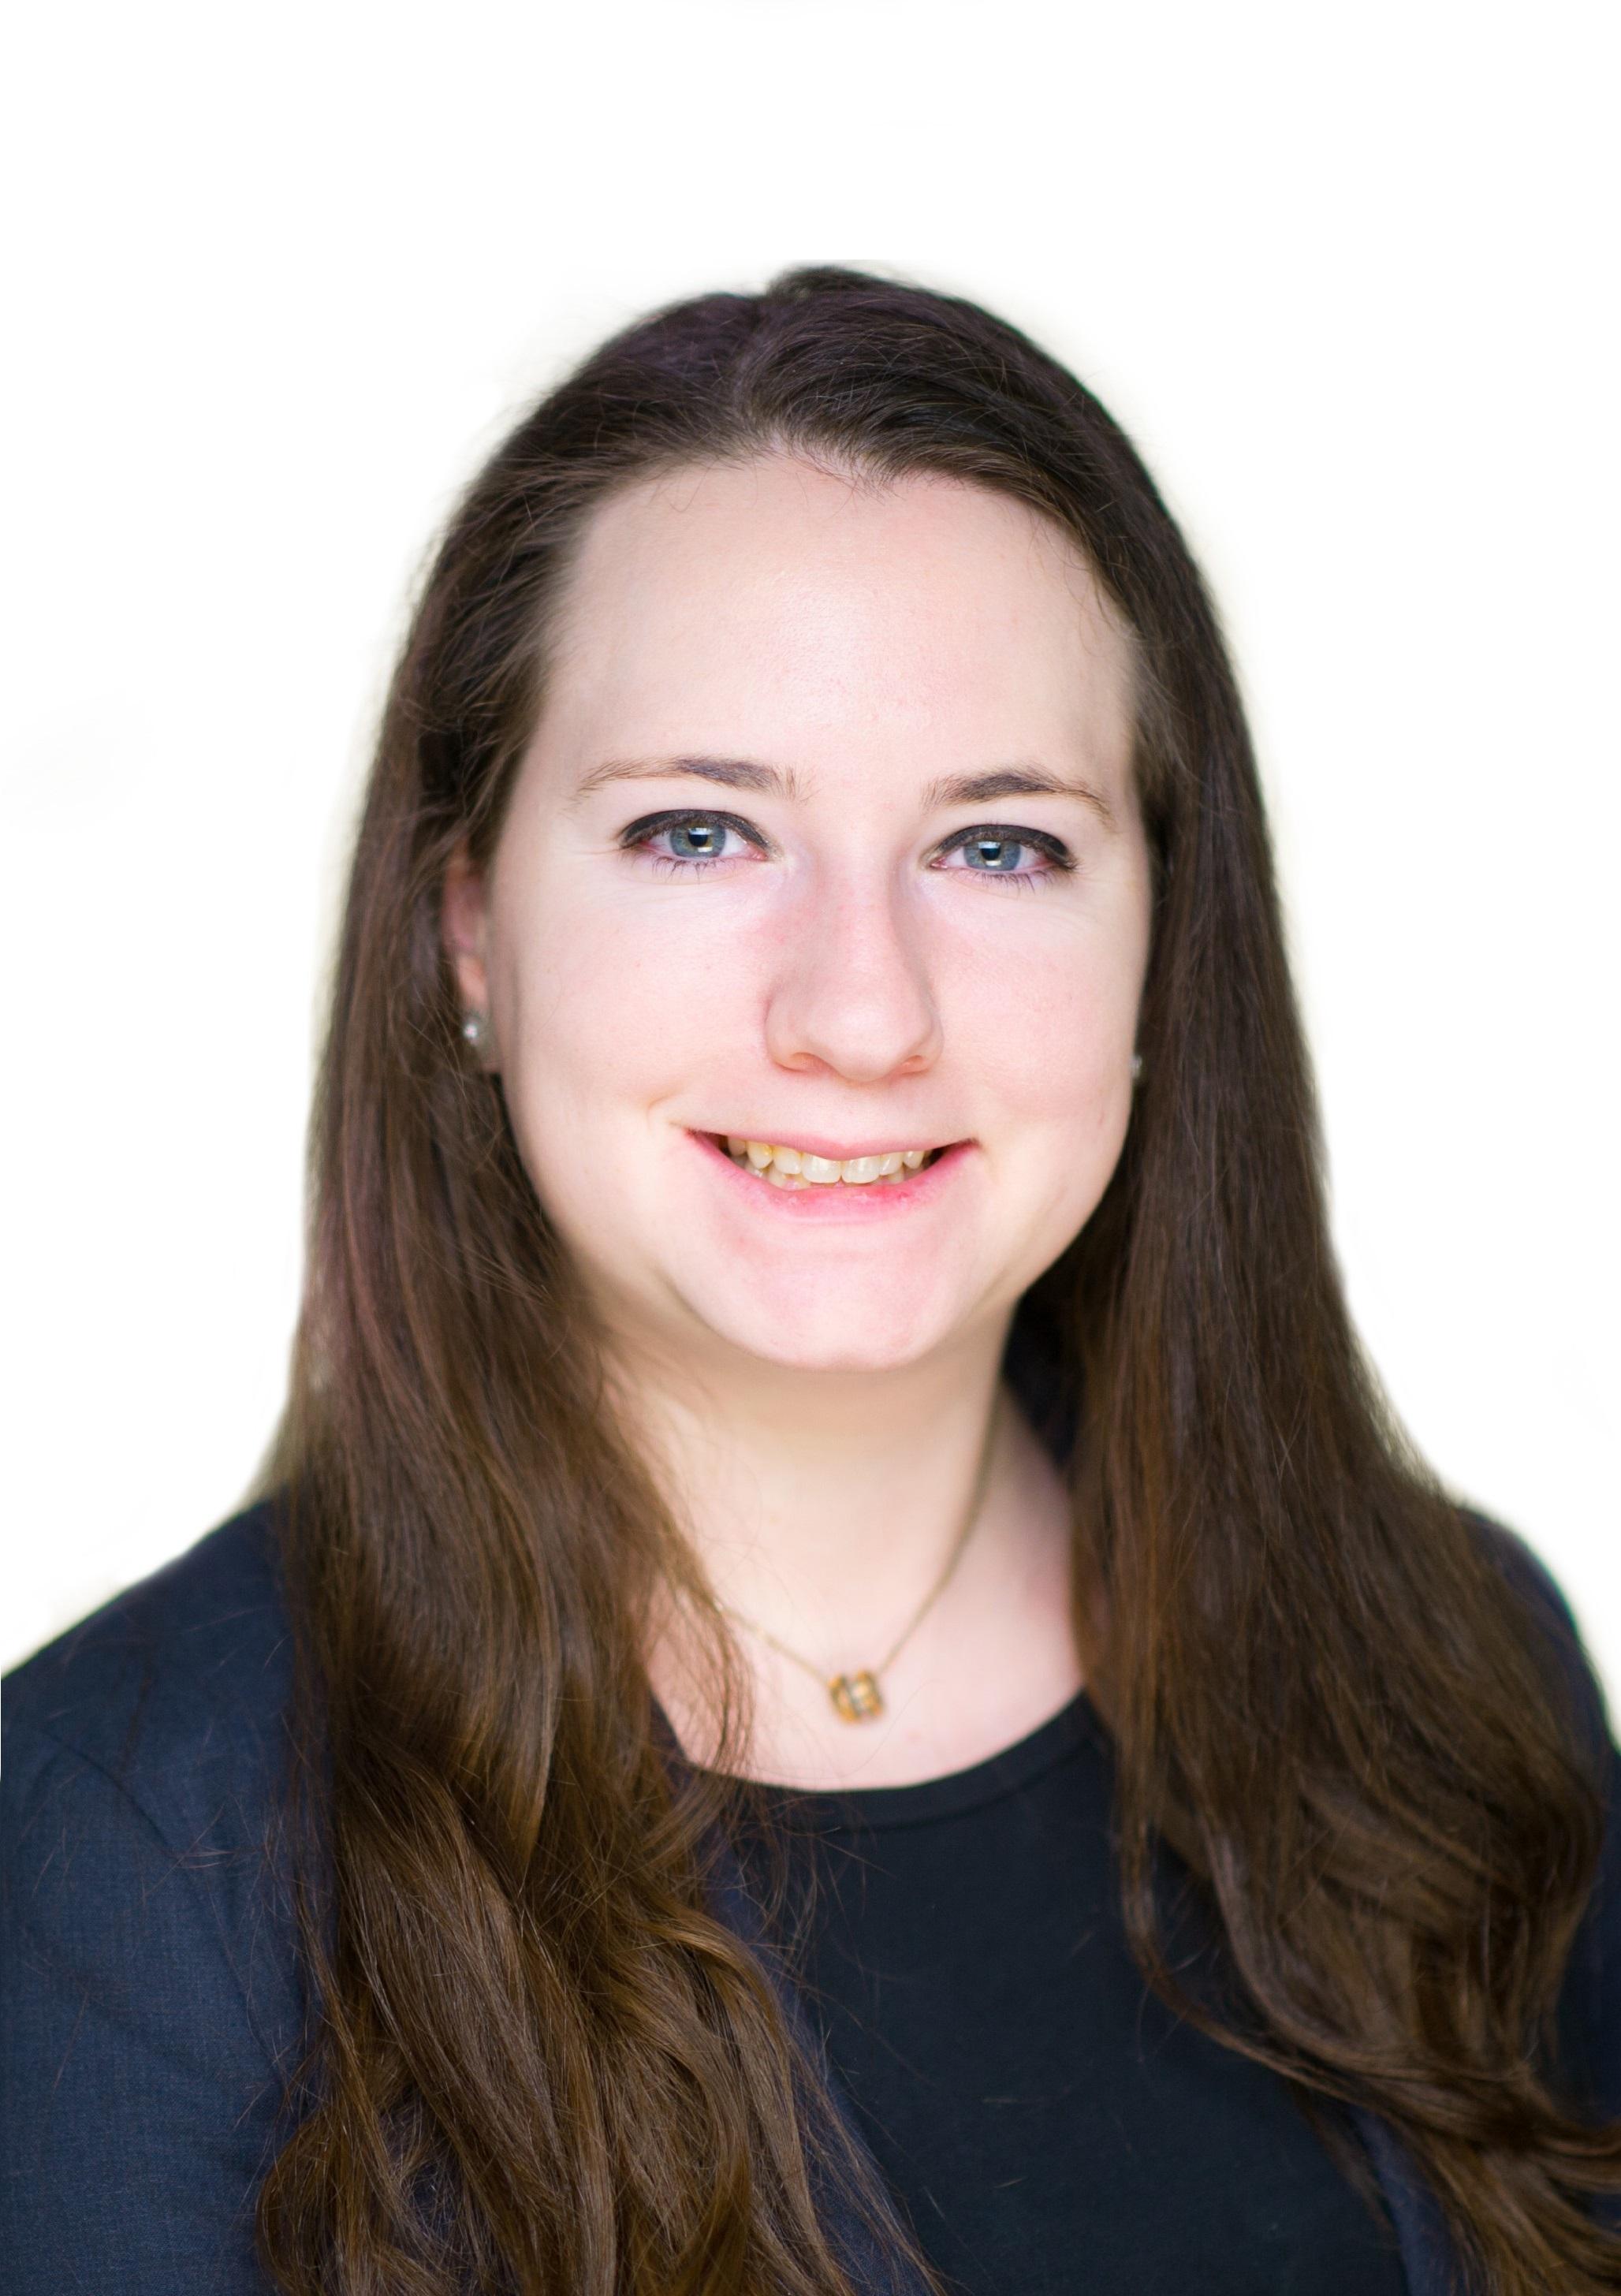 Alana Gross